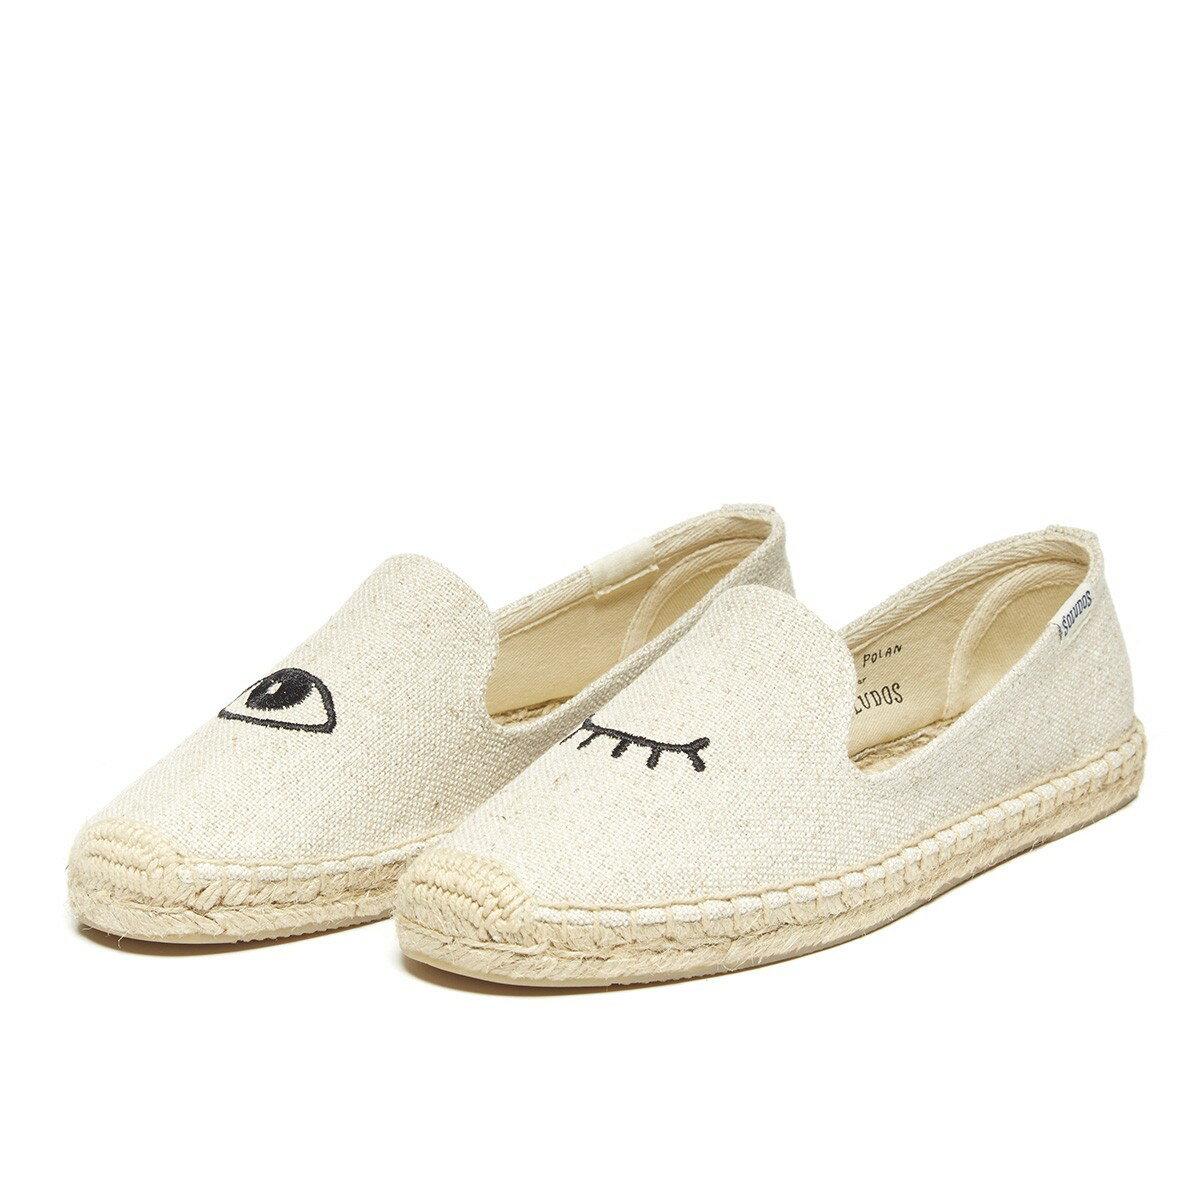 【Soludos】美國經典草編鞋-塗鴉系列草編鞋-米色眨眼